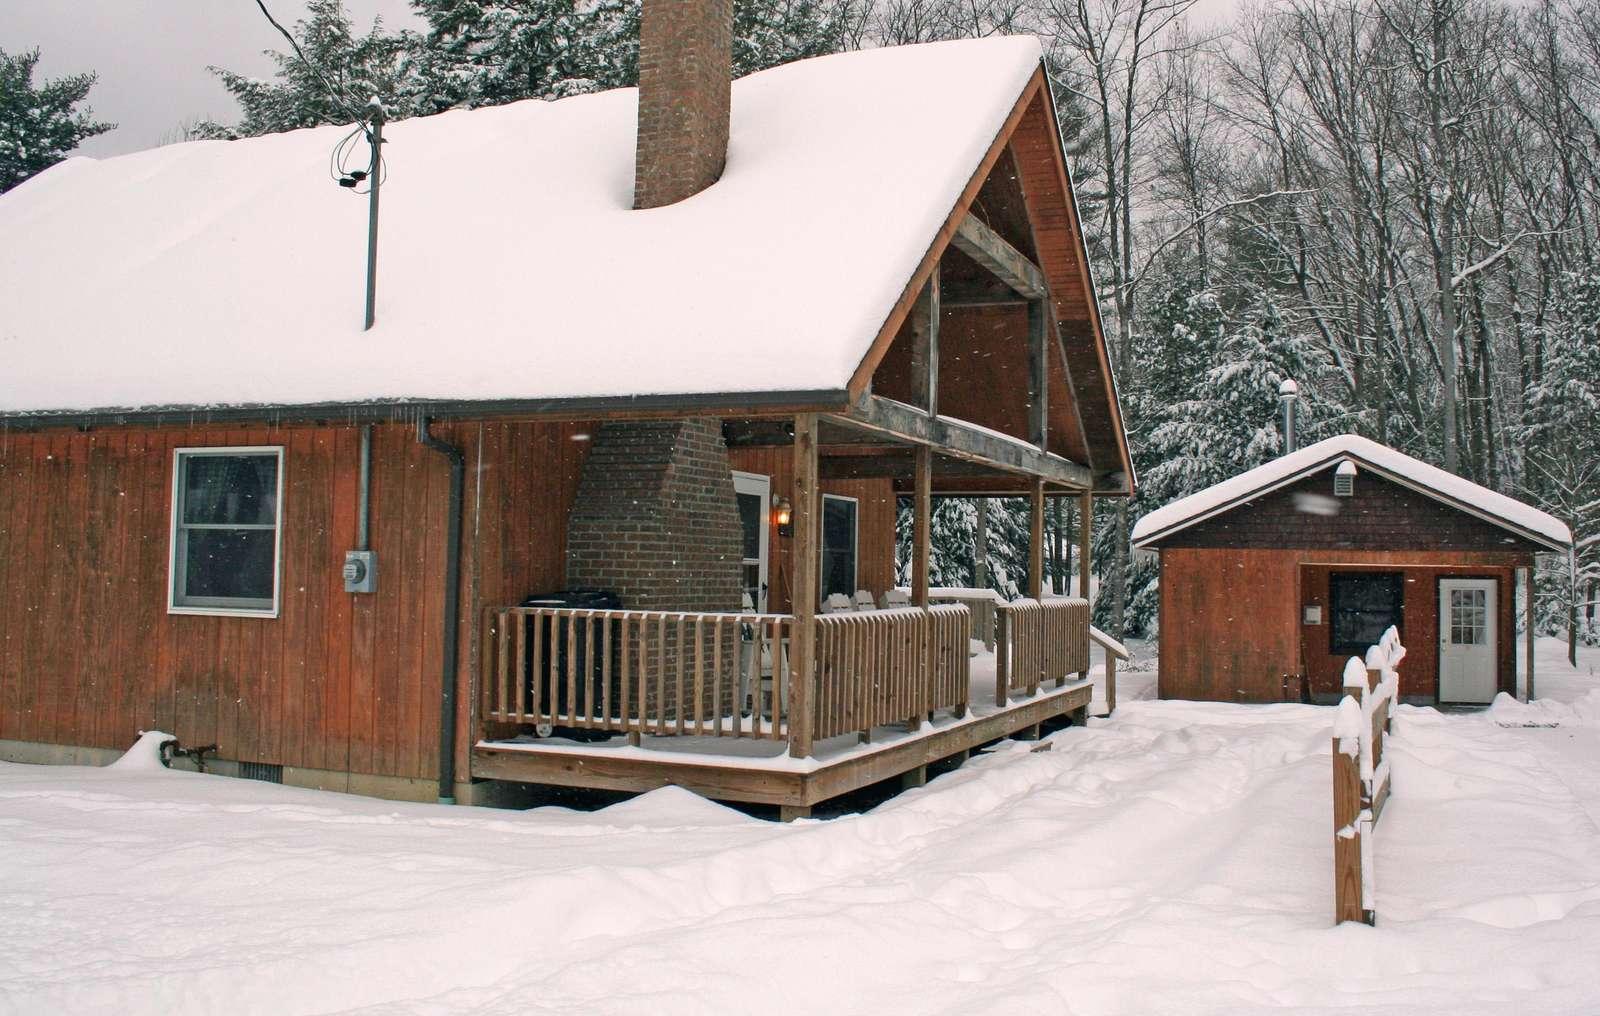 Sunburst Locust Cabin - Snow 12-30-12